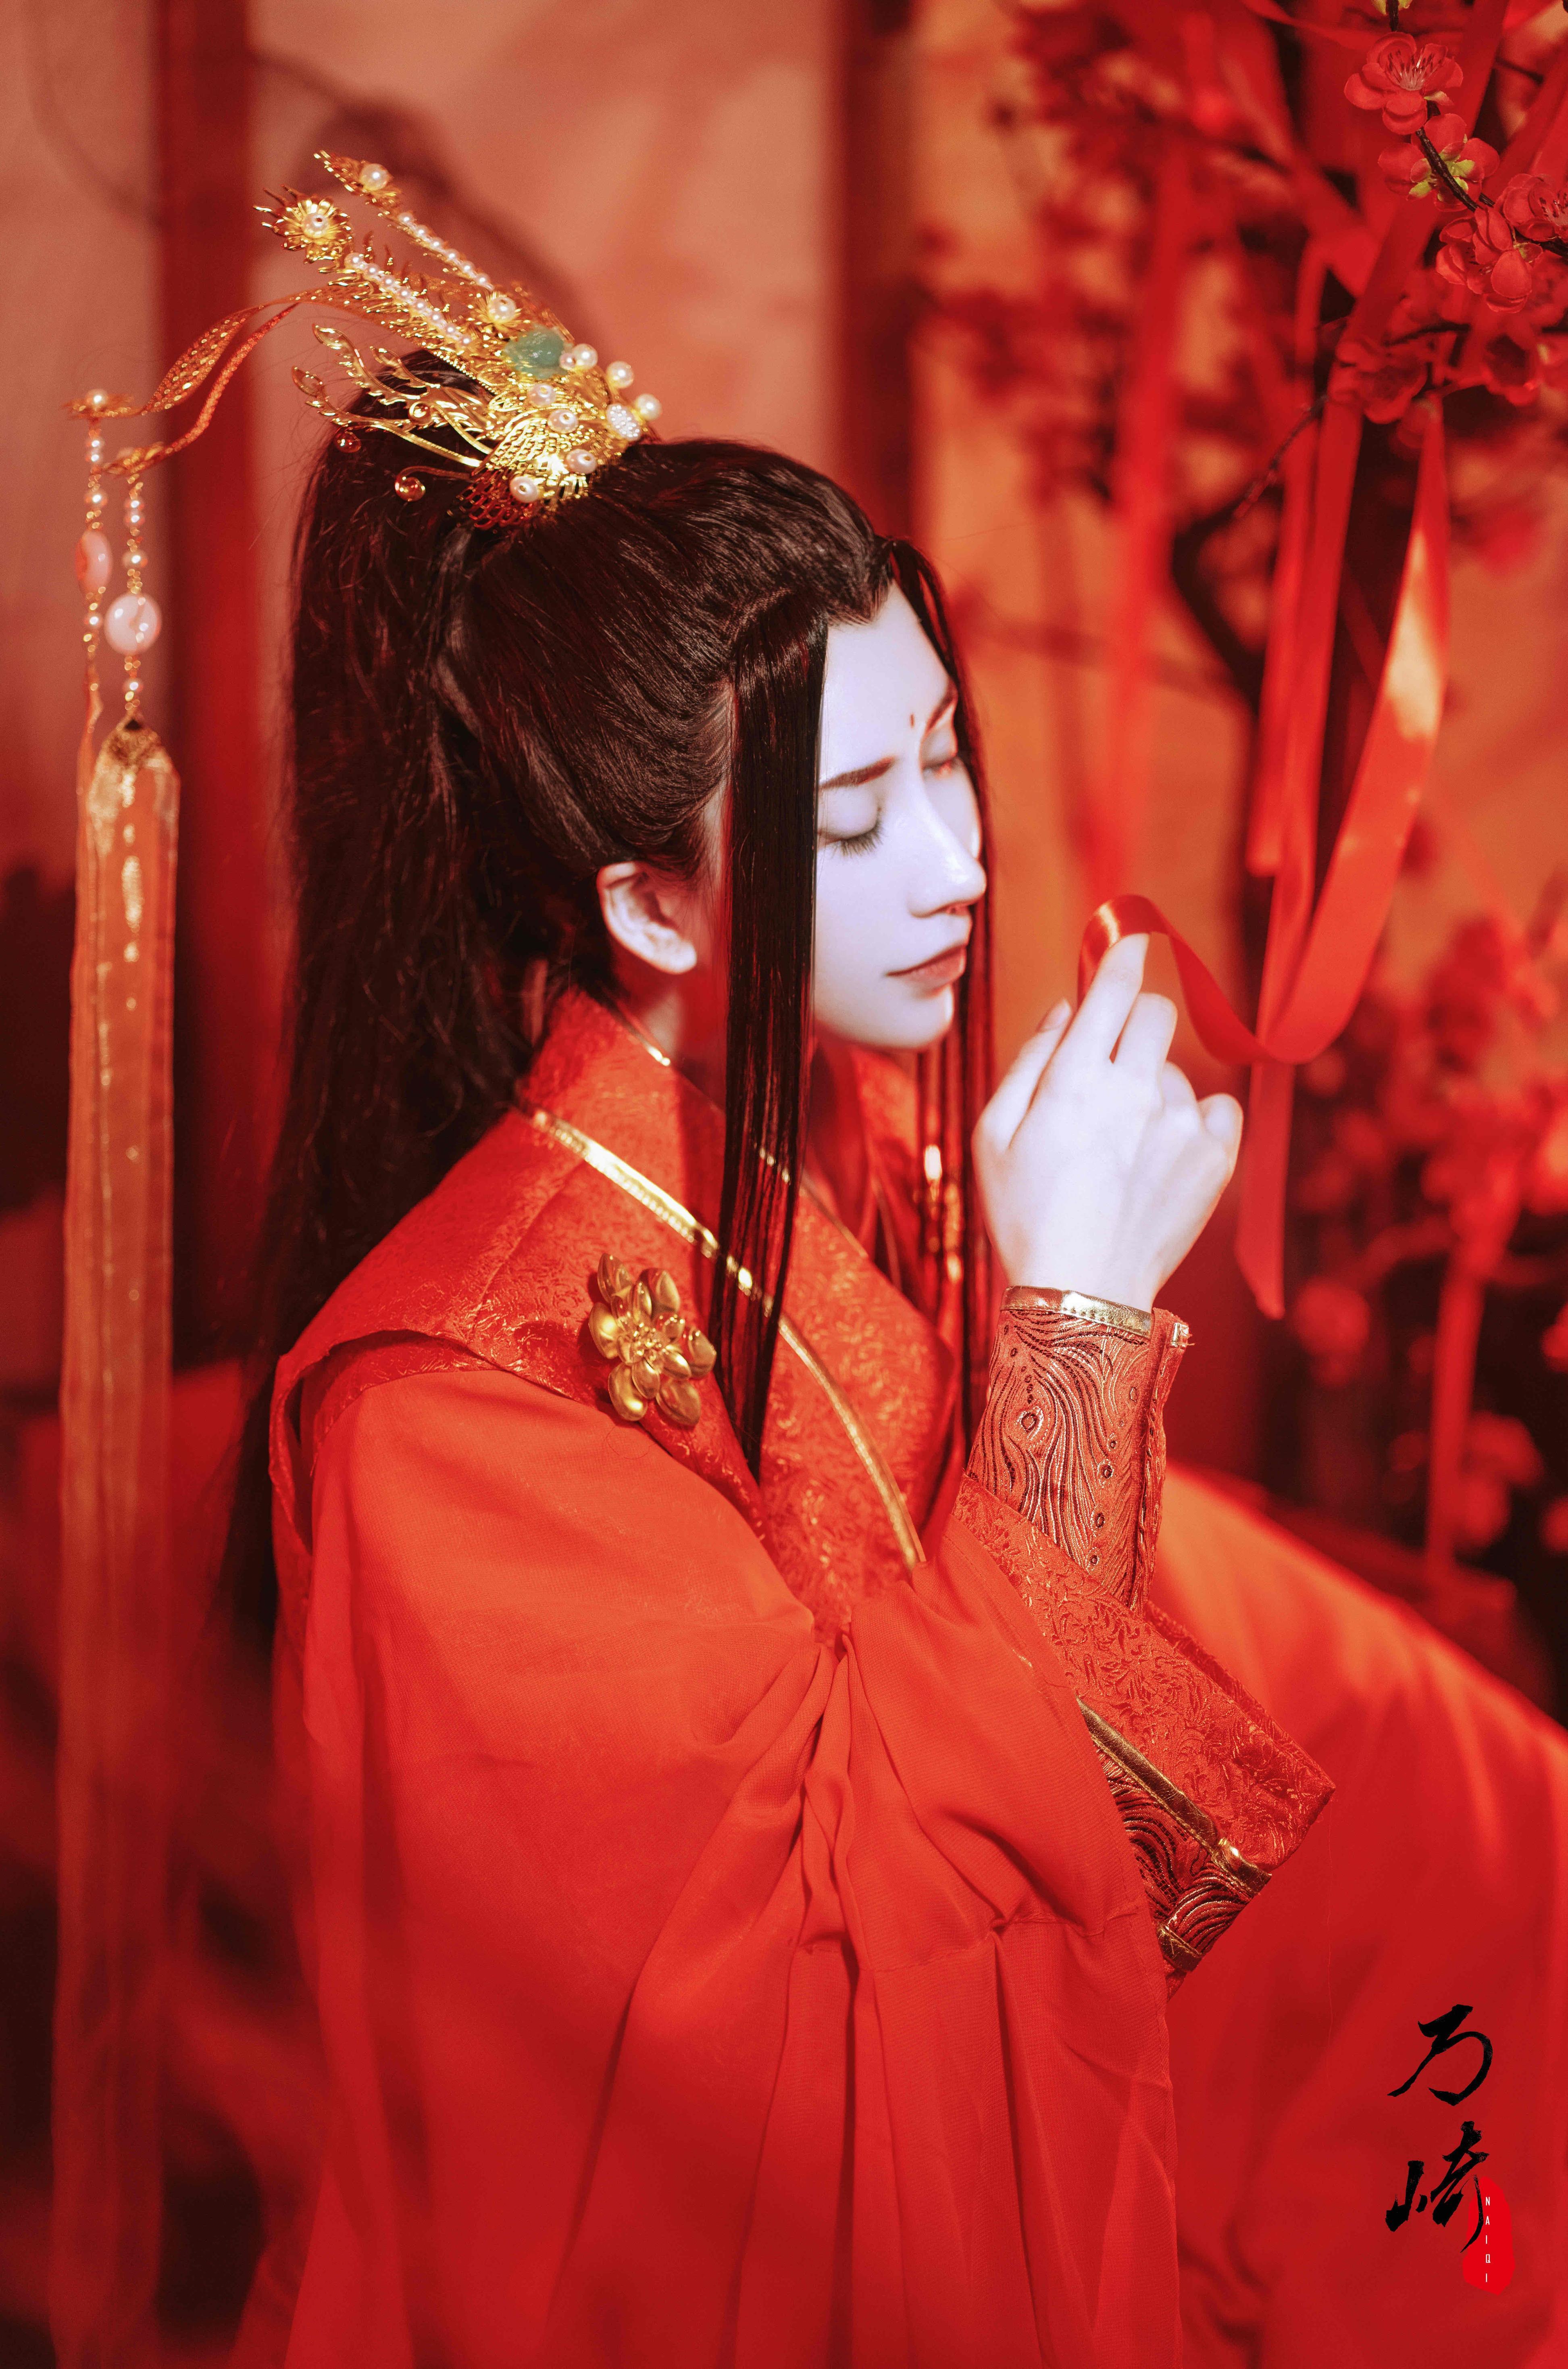 《魔道祖师》正片cosplay【CN:NAIQI乃崎】-第5张